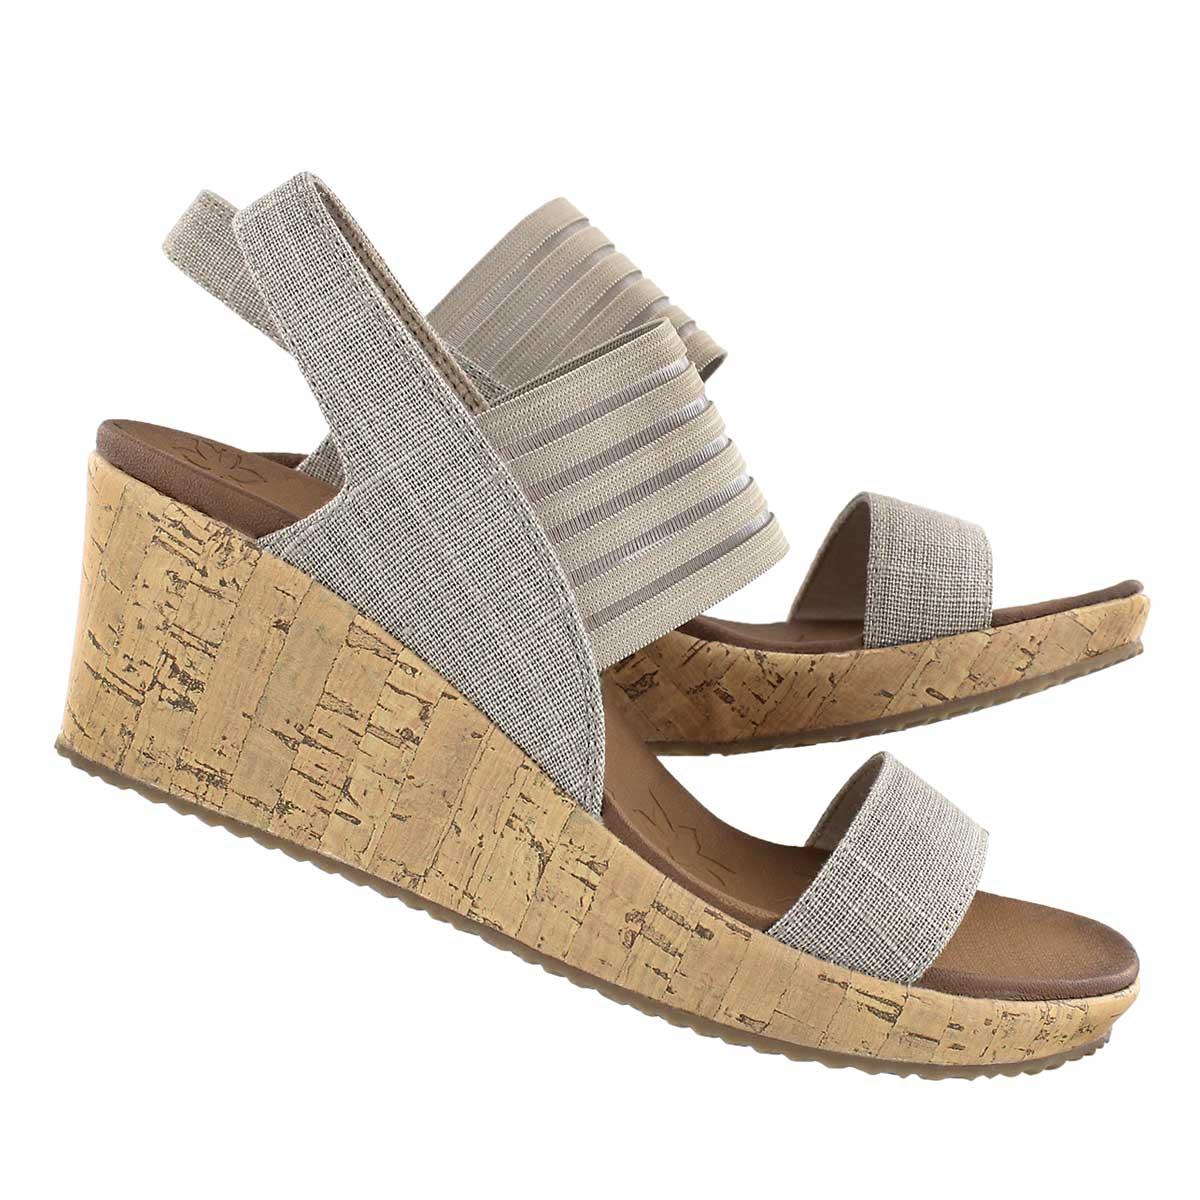 Women's BEVERLEE SMITTEN KITTEN tpe wedge sandals